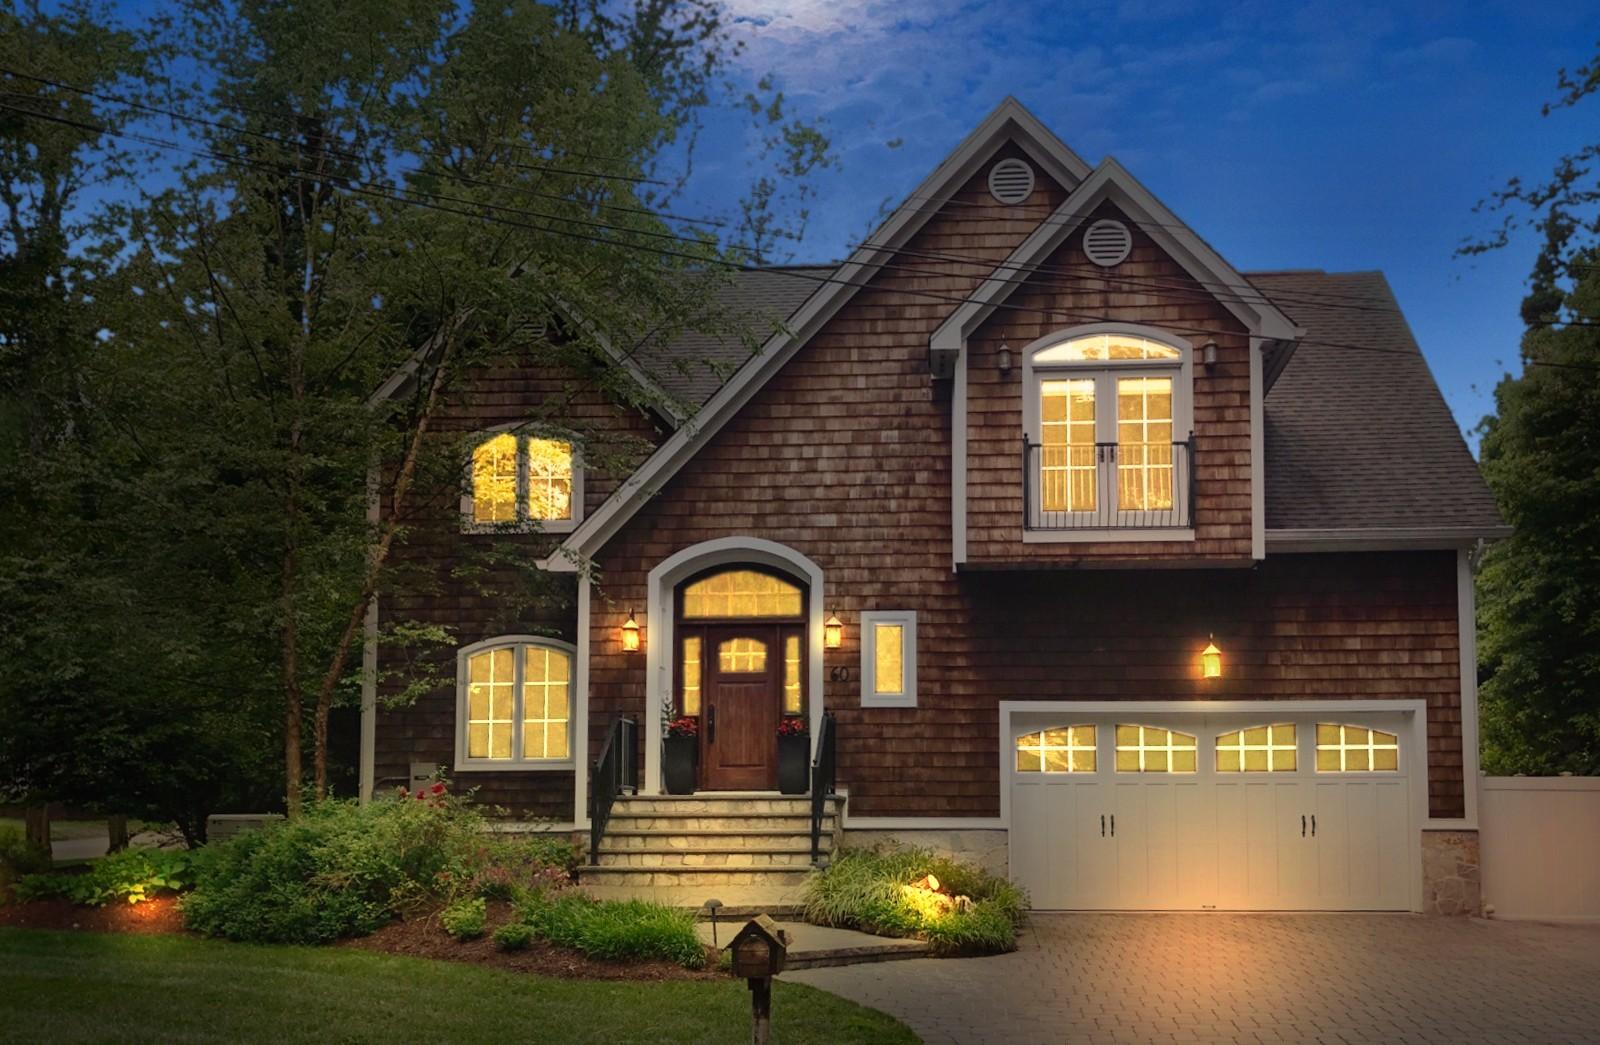 独户住宅 为 销售 在 Custom Built Home 60 Julia St, 克洛斯特, 新泽西州 07624 美国